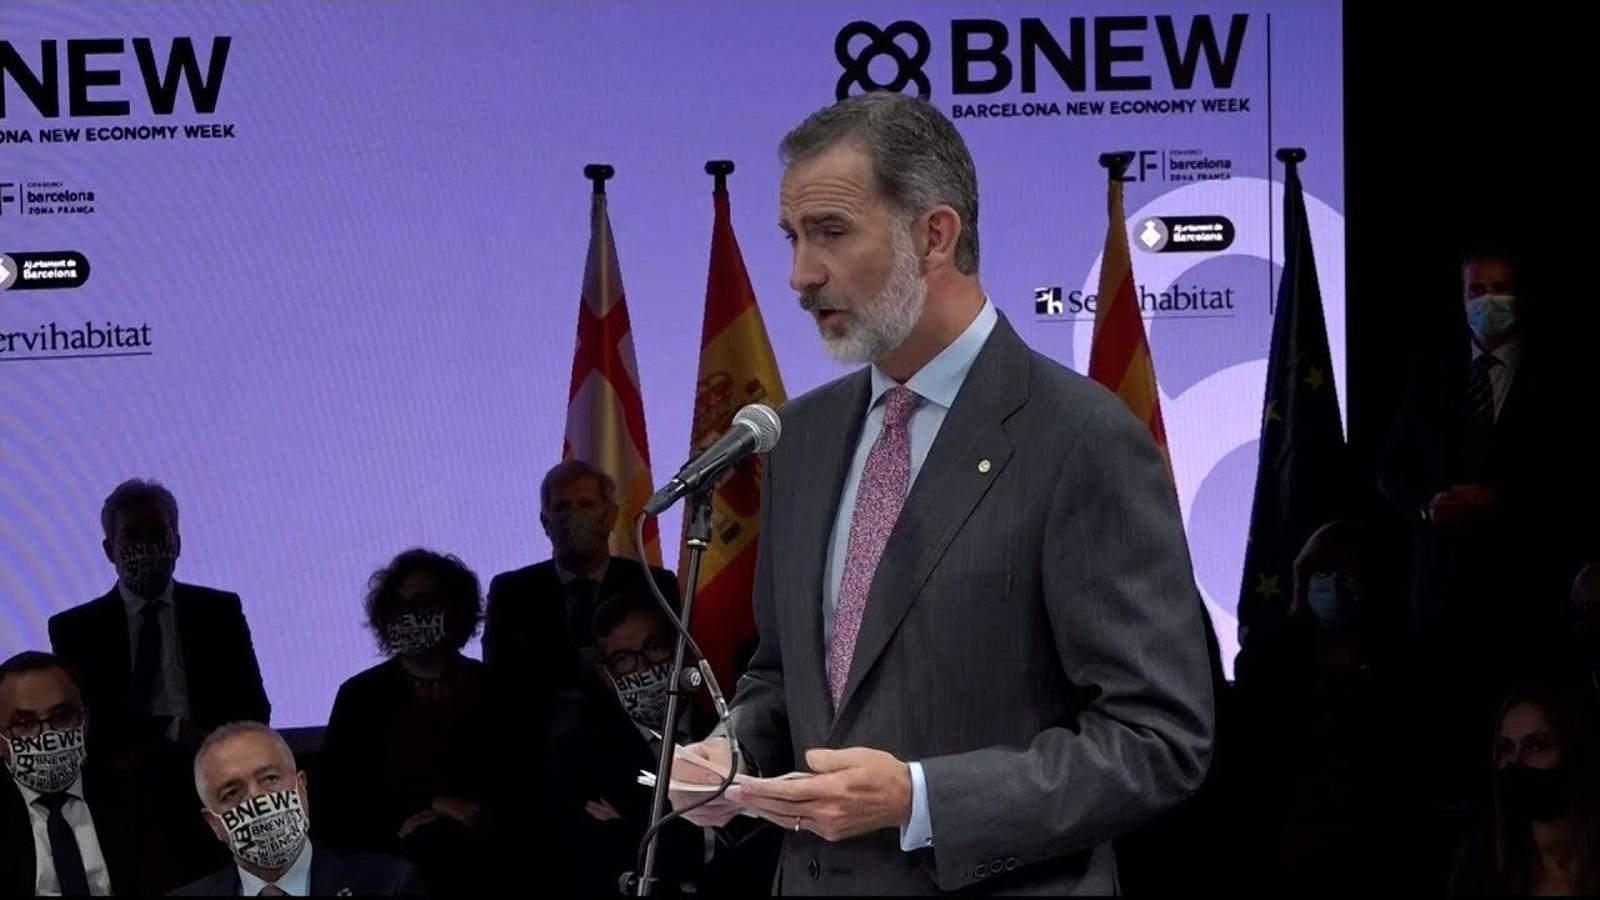 """Felip VI: """"Treballem junts per mantenir la imatge internacional de la competitivitat i excel·lència productiva"""""""